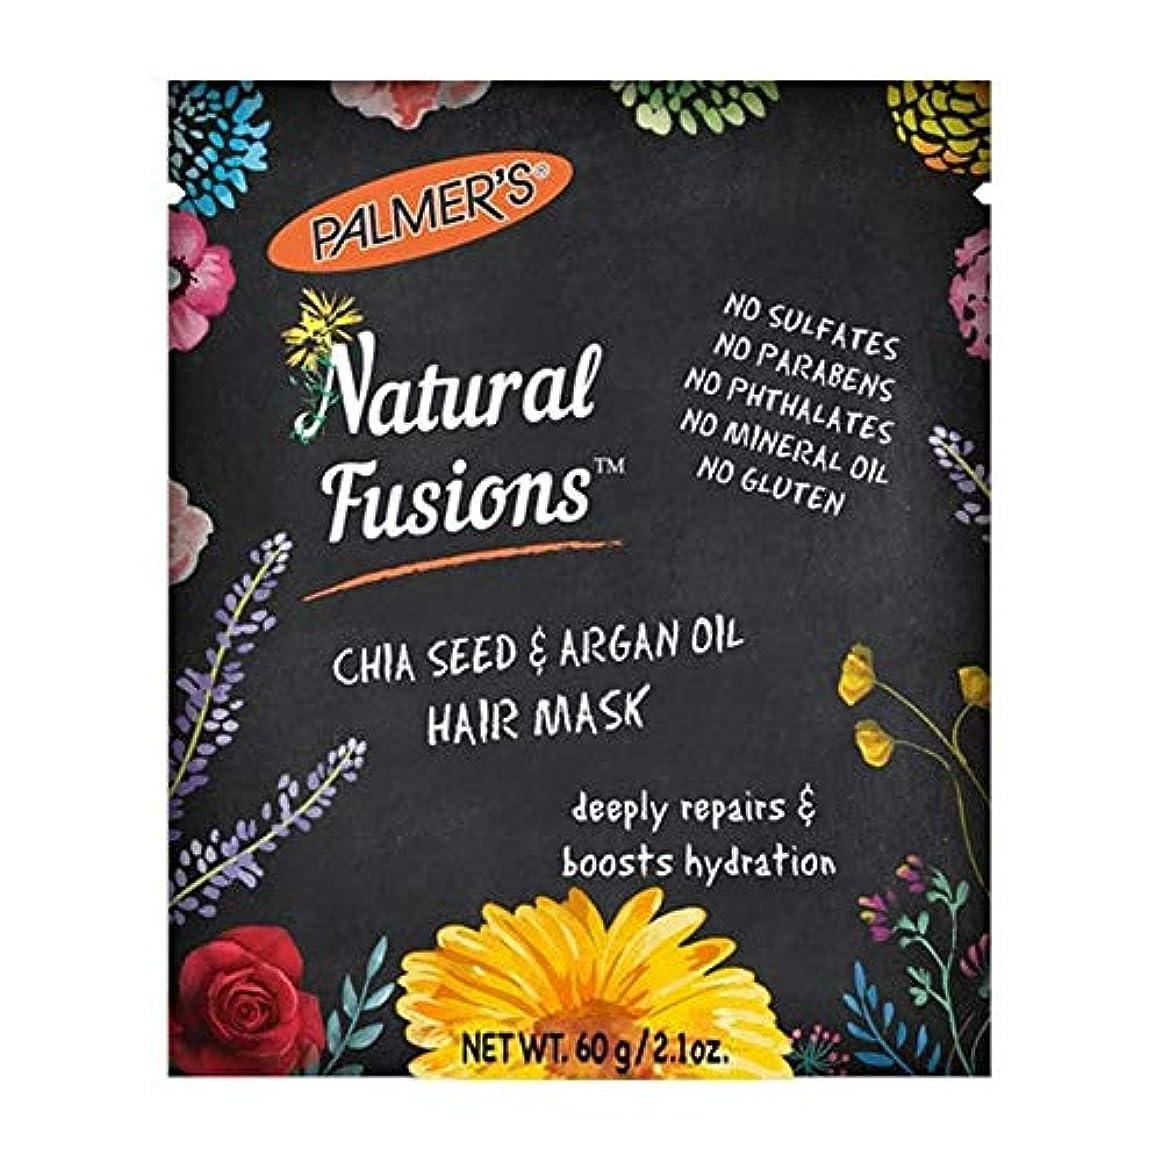 金貸し浸食誤解を招く[Palmer's ] パーマーの自然な融合チアシード&アルガンオイルヘアマスク60グラム - Palmer's Natural Fusions Chia Seed & Argan Oil Hair Mask 60g [...